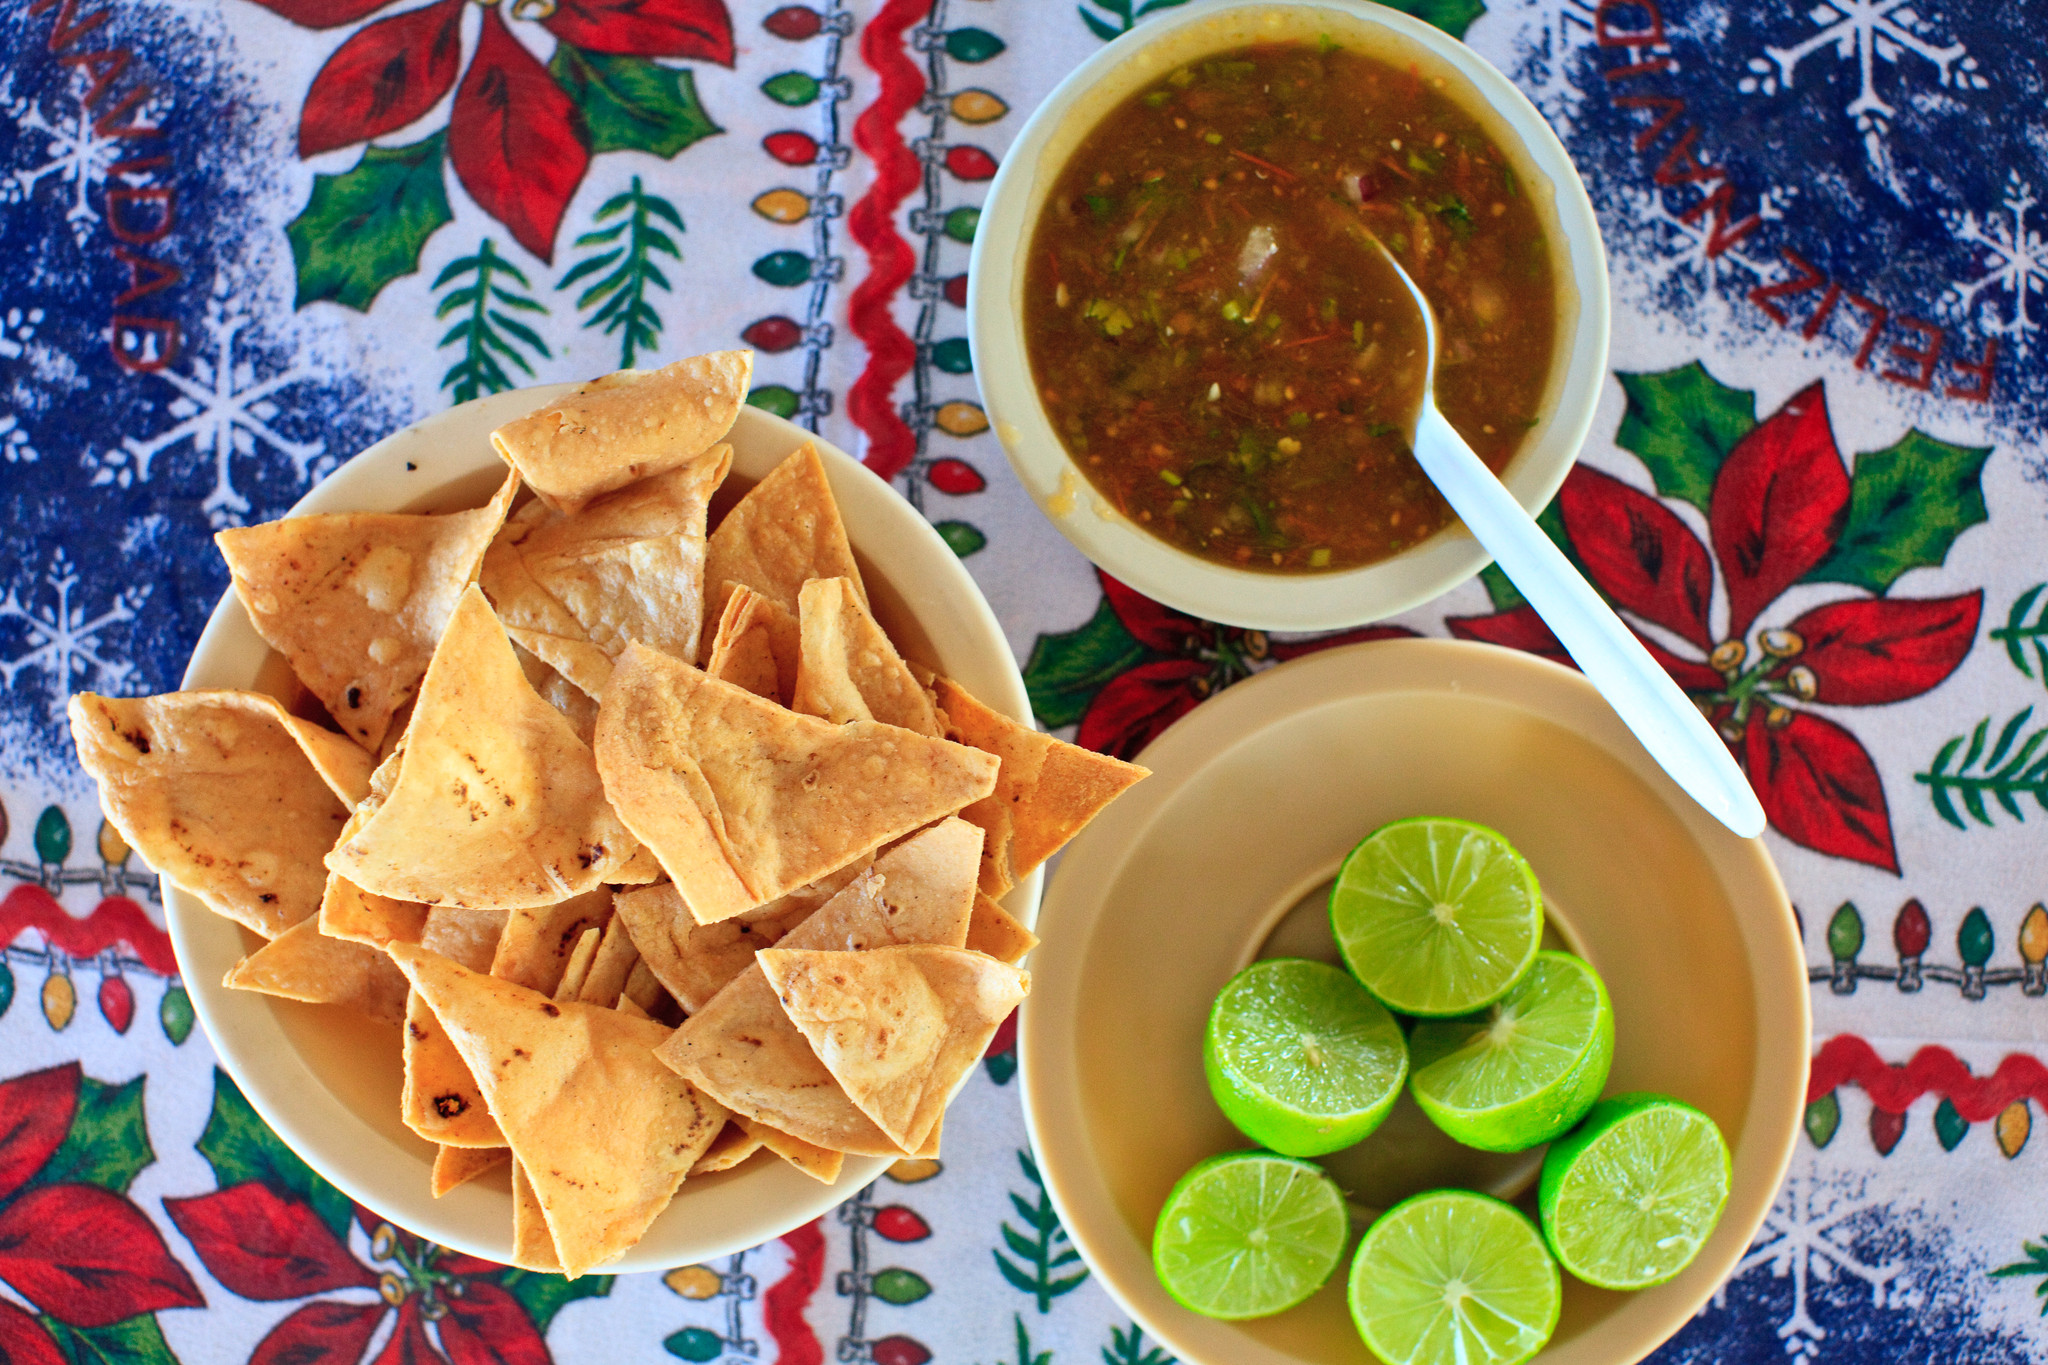 Mariscos el Sinaloense, San Jose del Cabo - Totopos y salsa